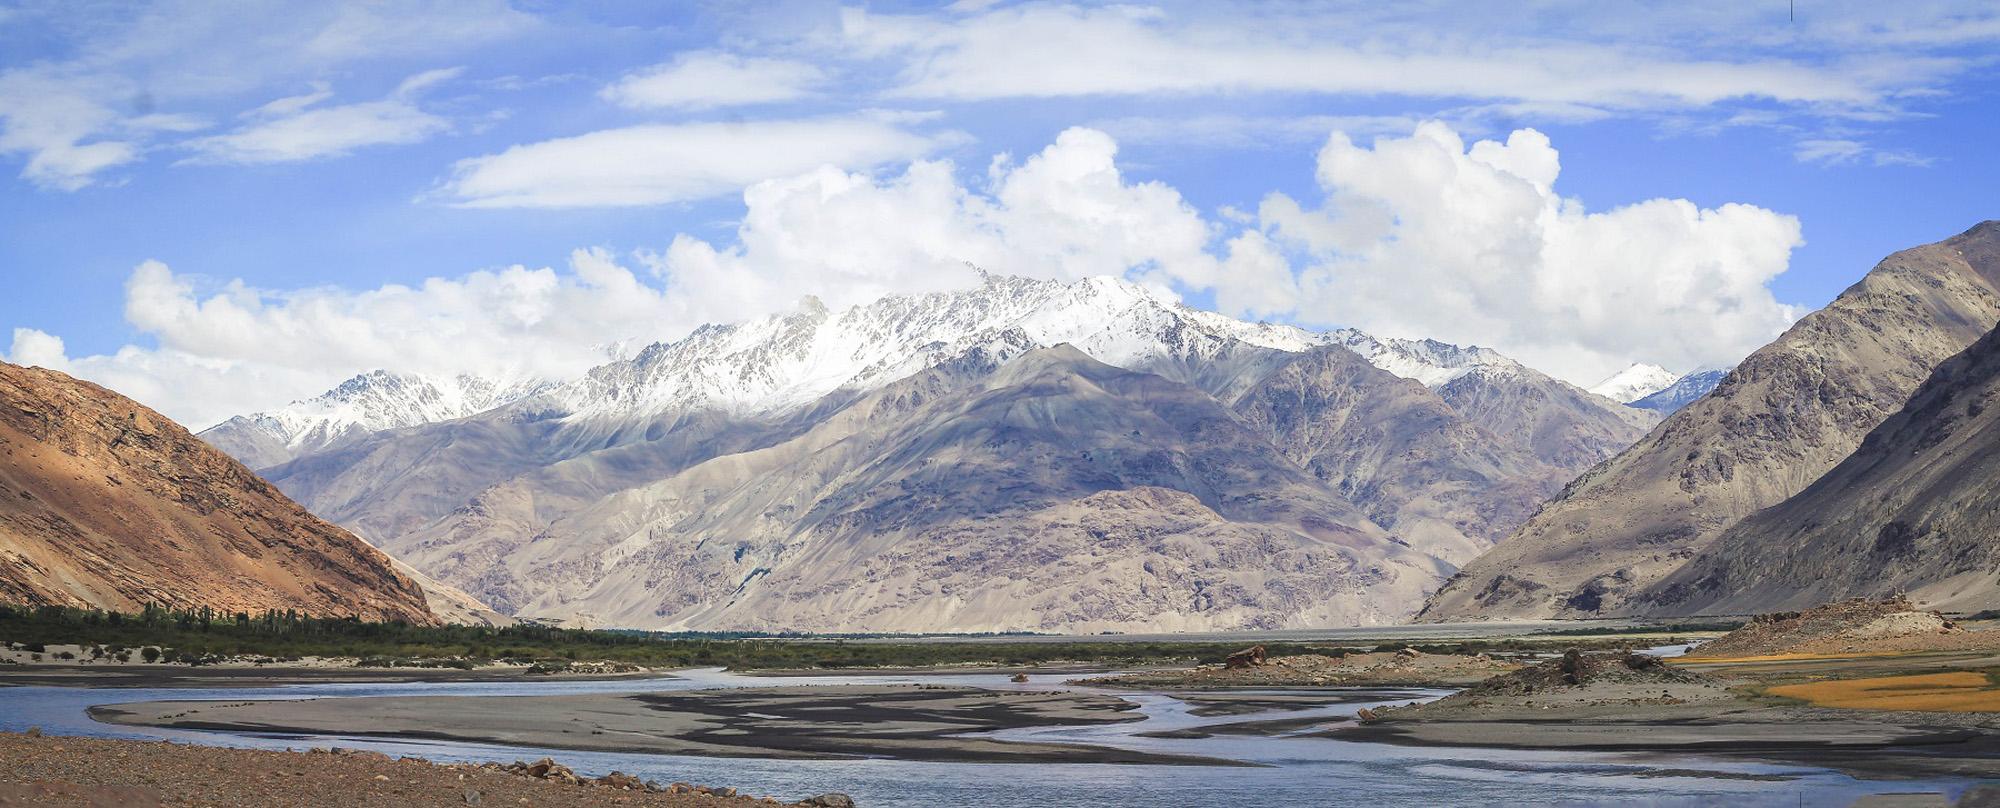 Panj Pamir river